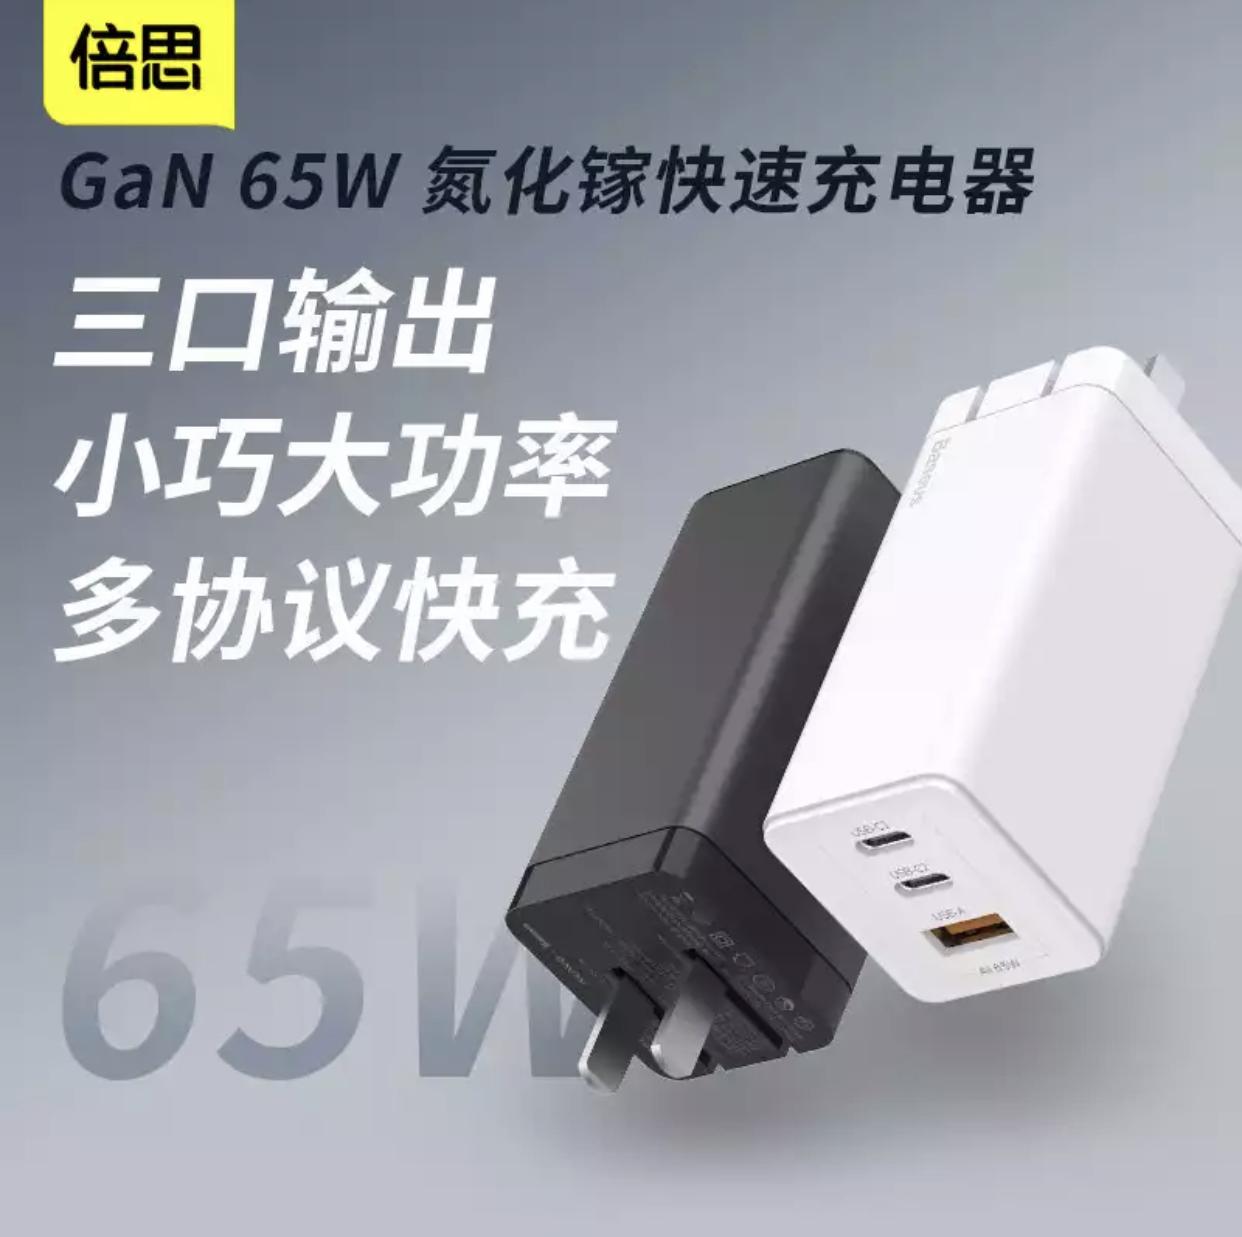 倍思65W三口氮化镓充电器PD快充手机苹果华为SCP紫小米QC45w头PE+